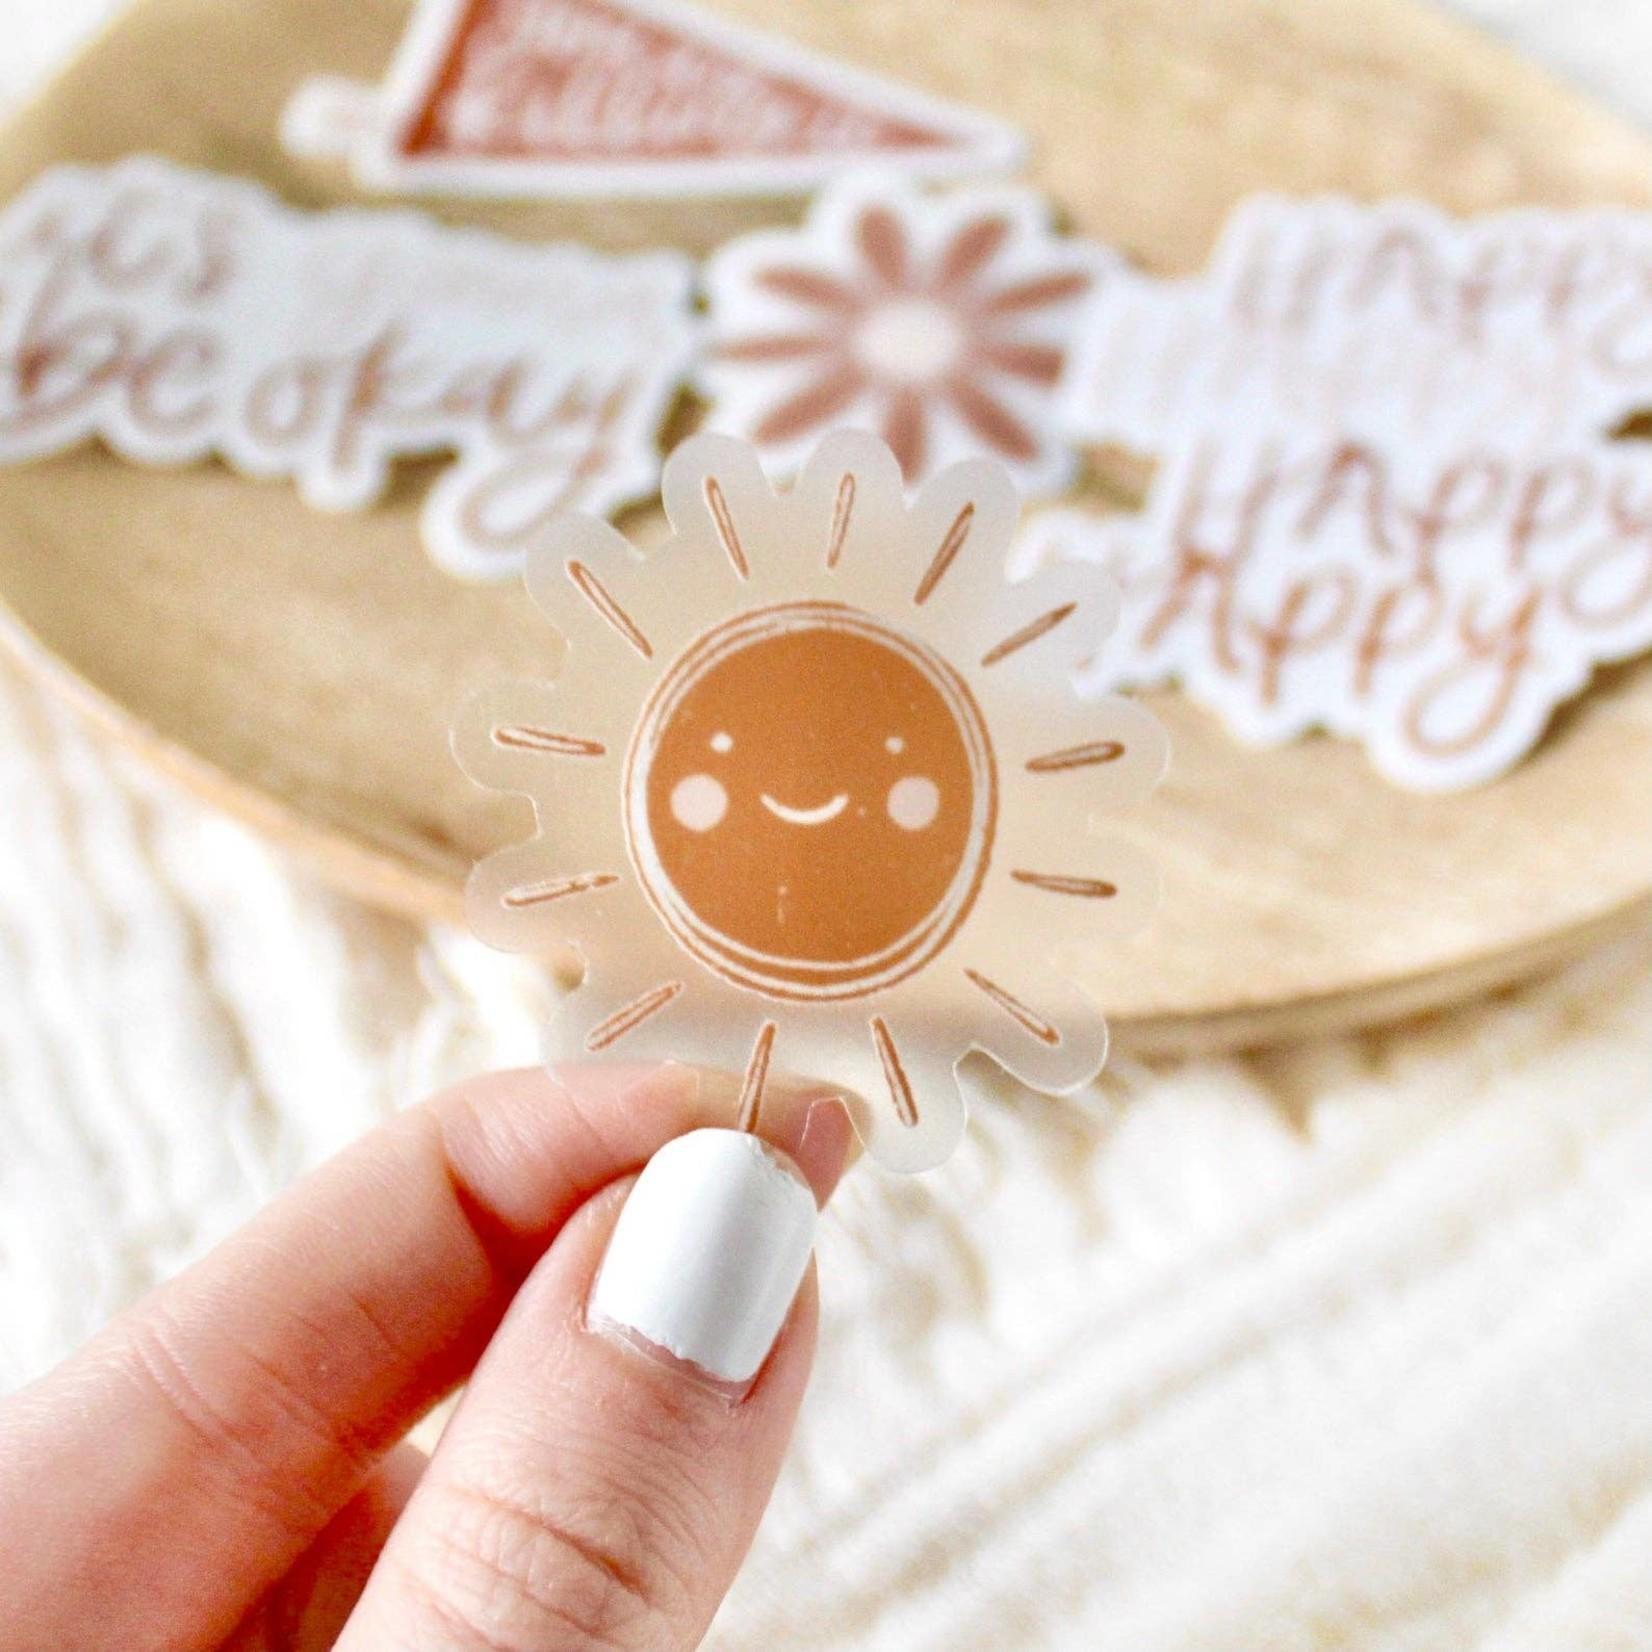 Clear Mini Sun Sticker, 1.5x1.5 in.